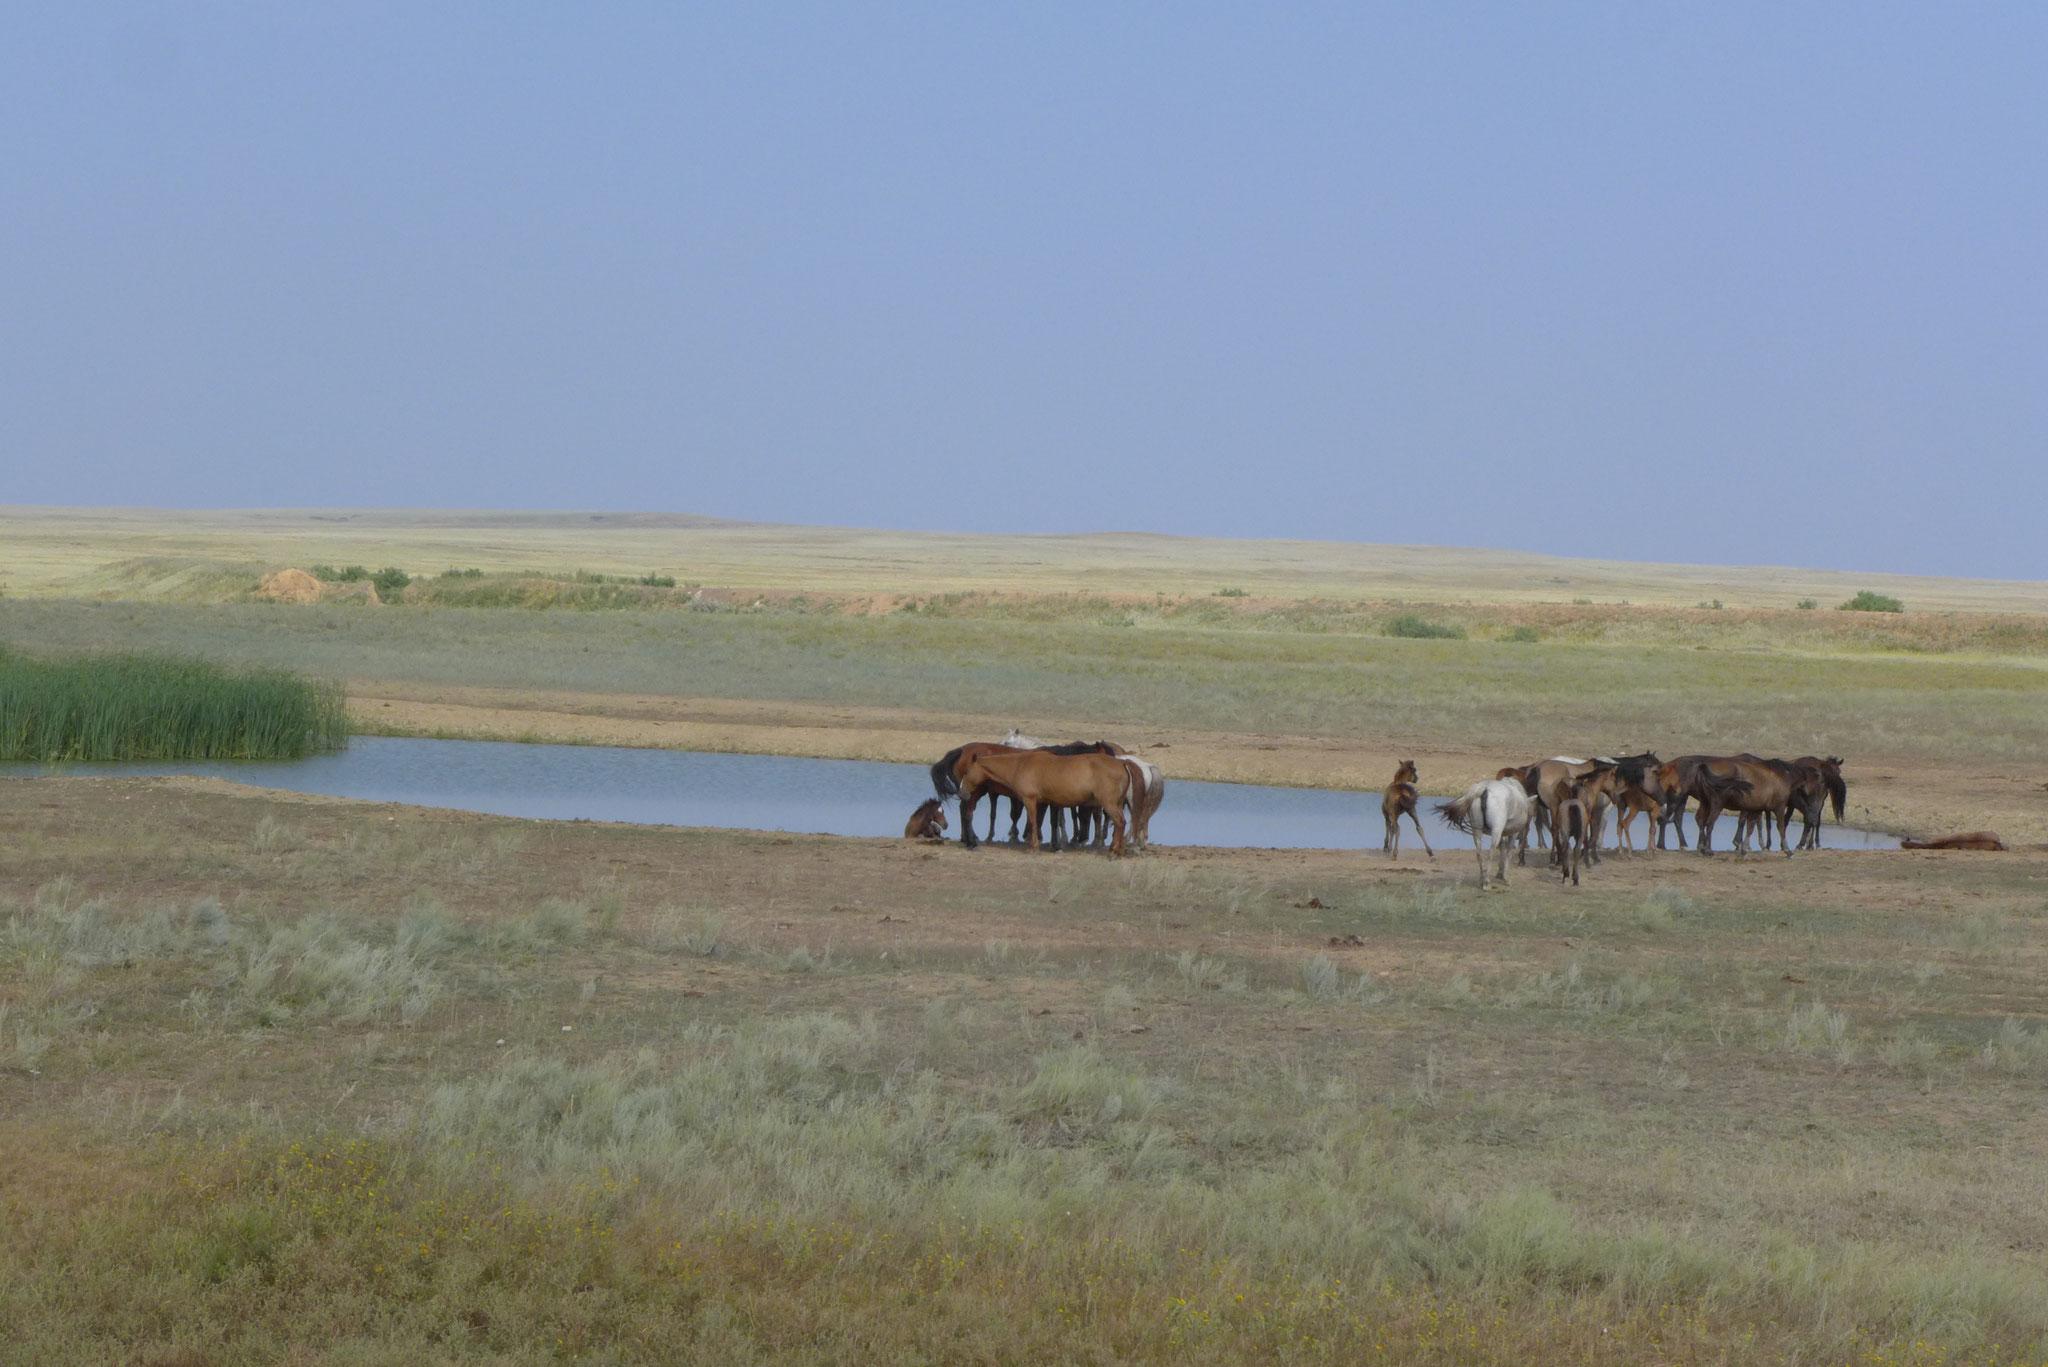 und noch mehr Pferde die einfach frei rum laufen.